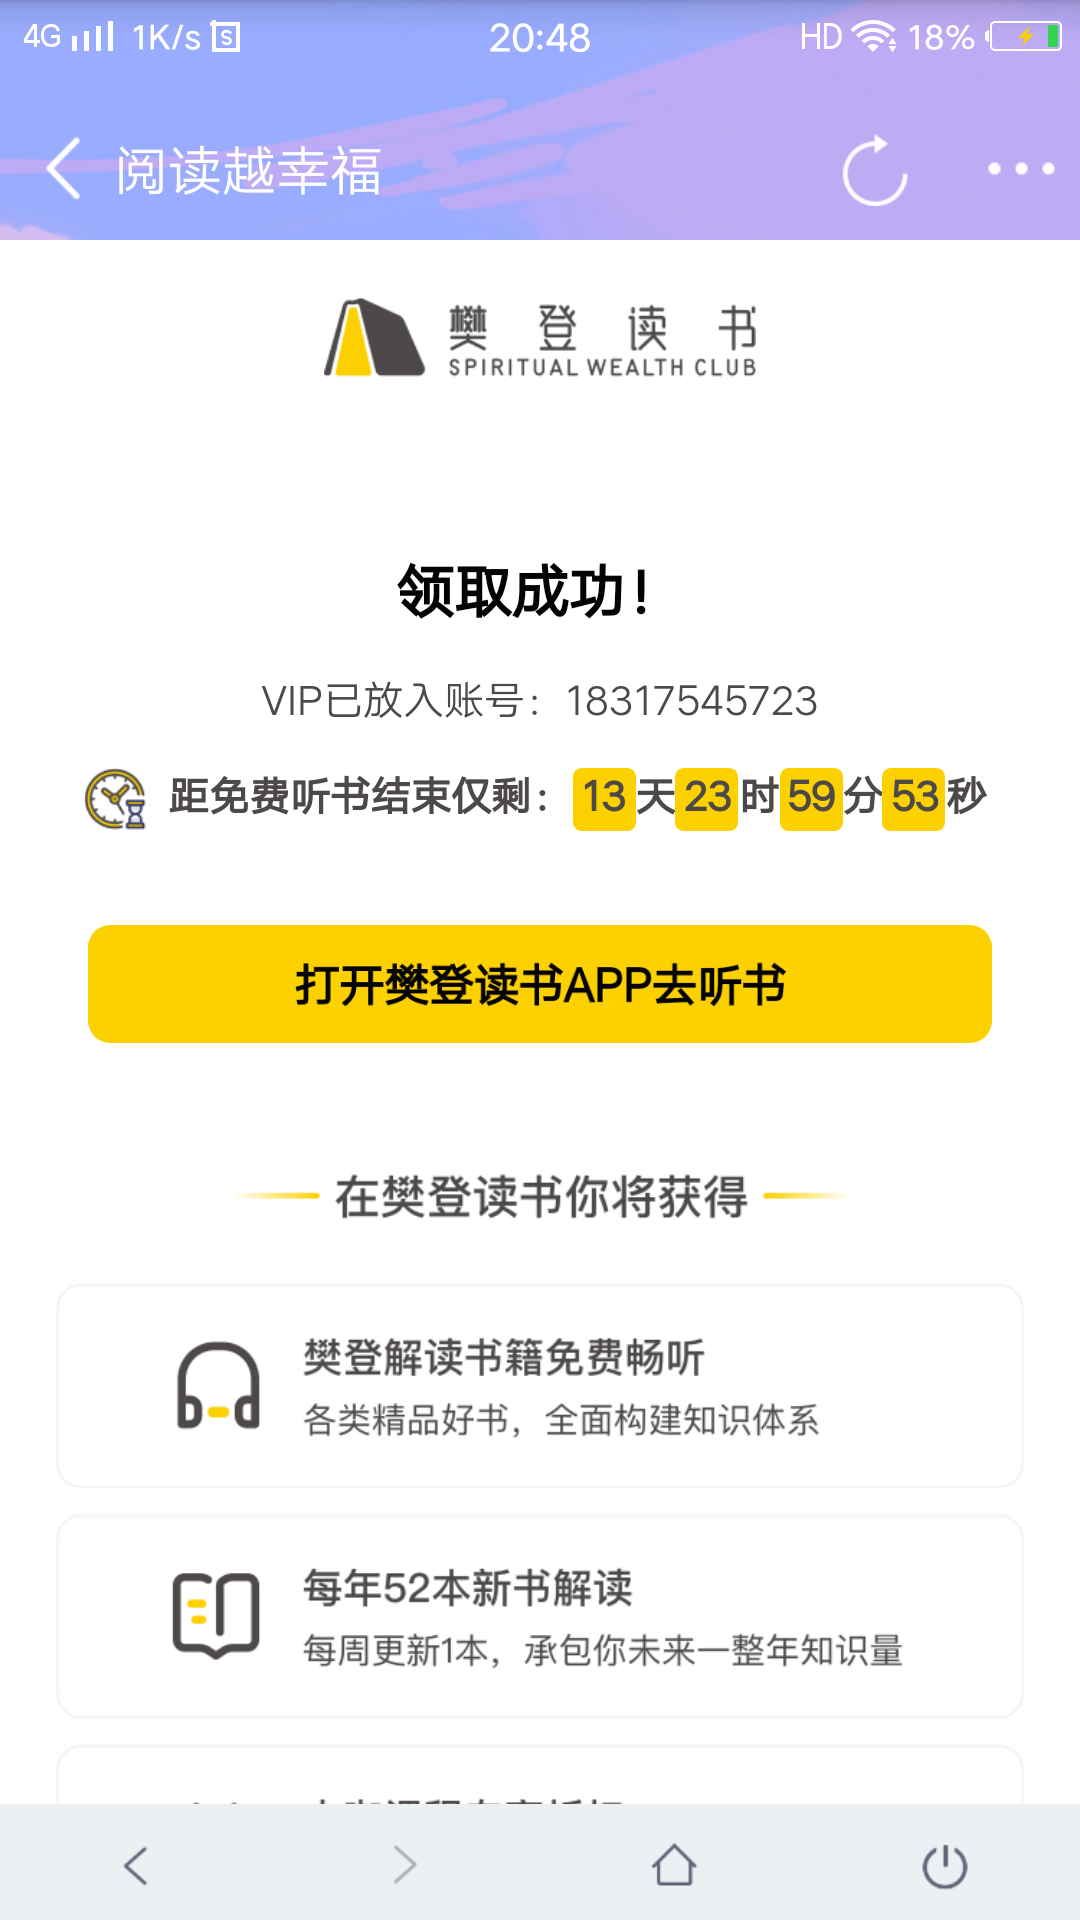 樊登读书免费领取会员